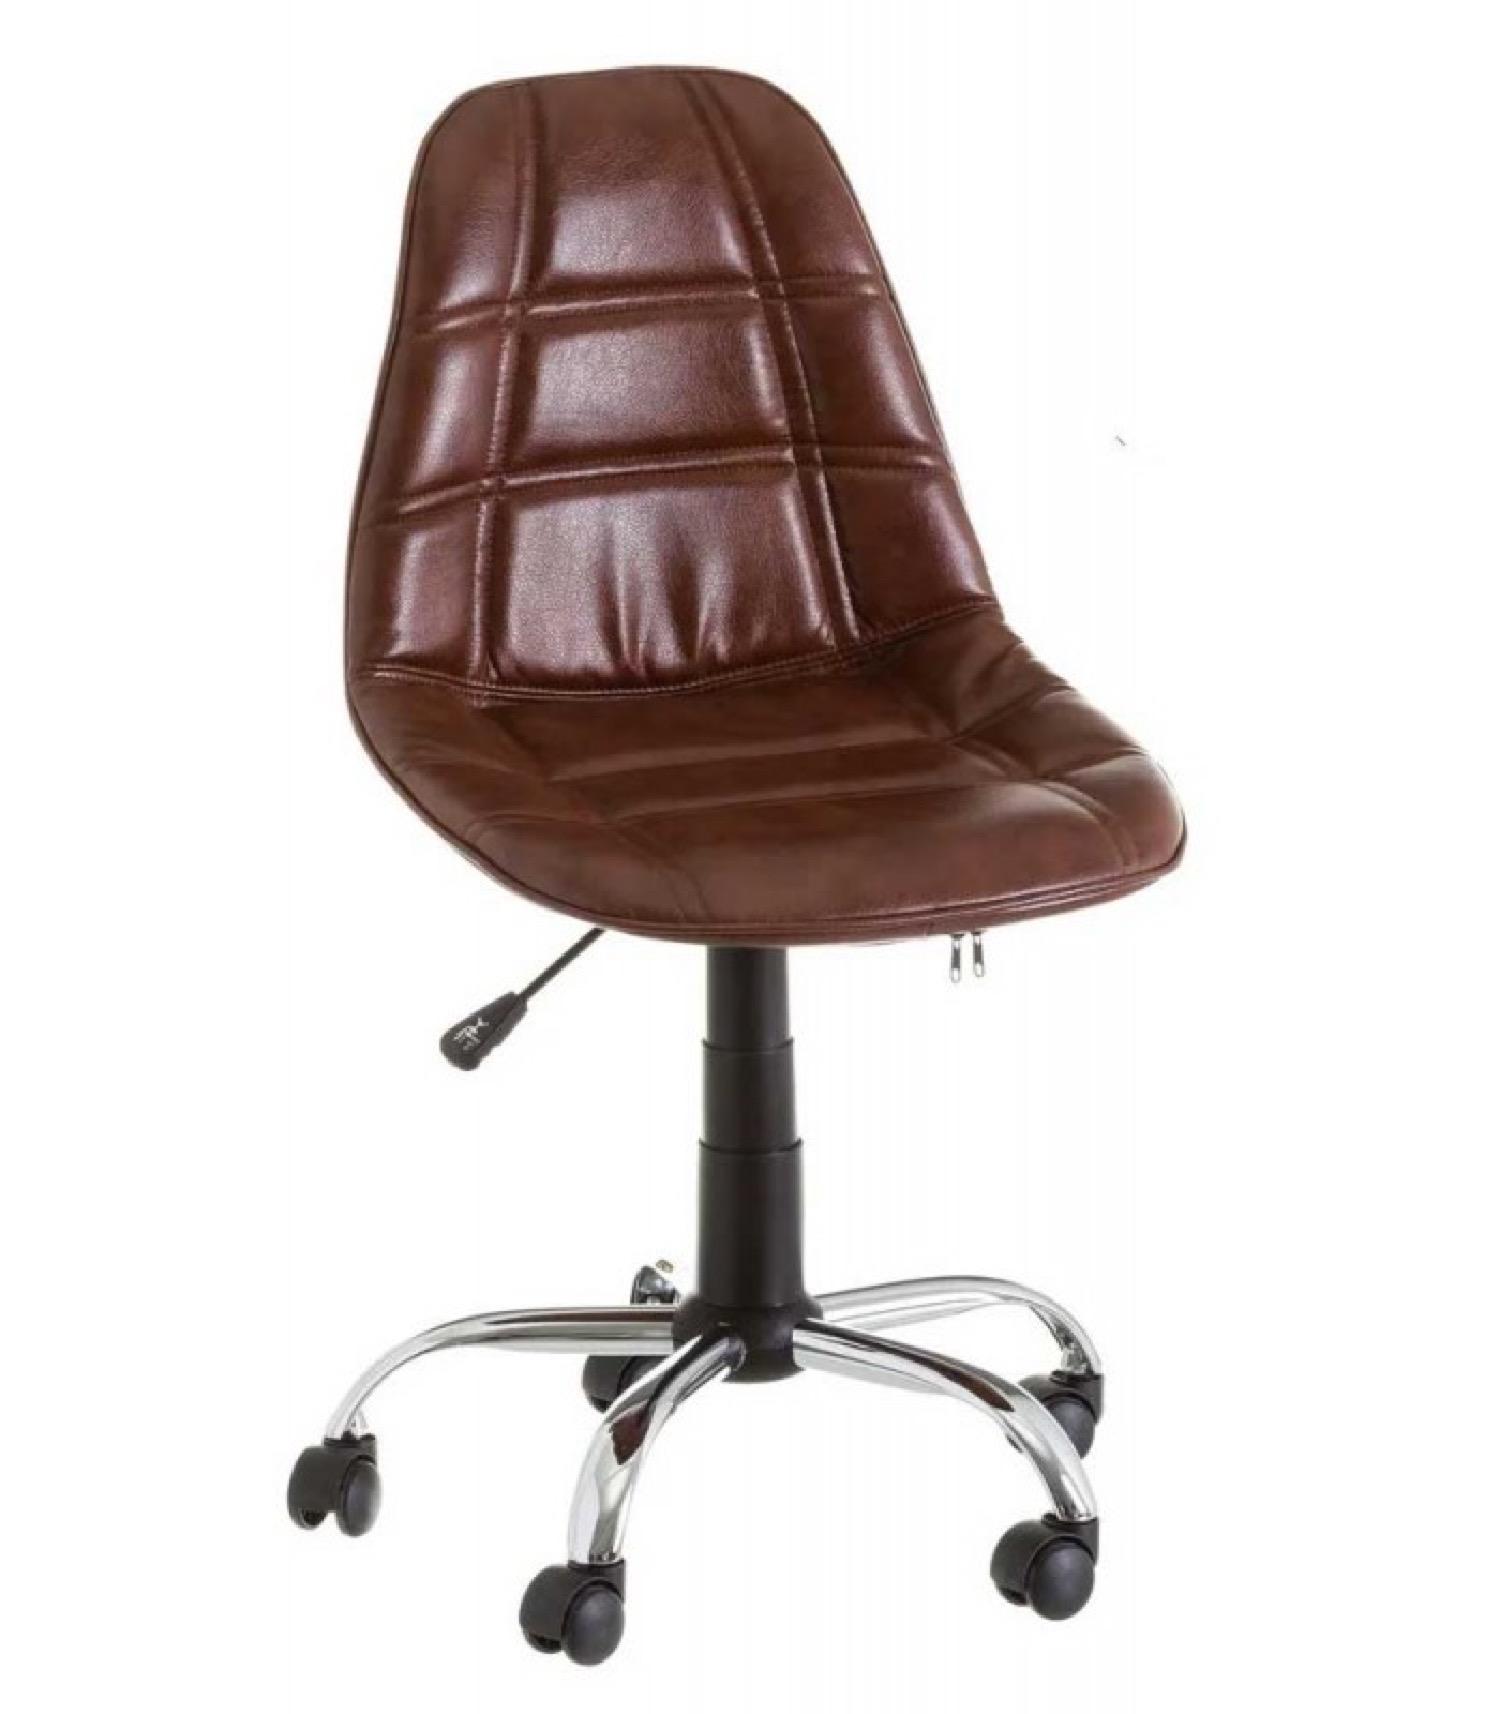 Chaise de bureau style vintage similicuir marron